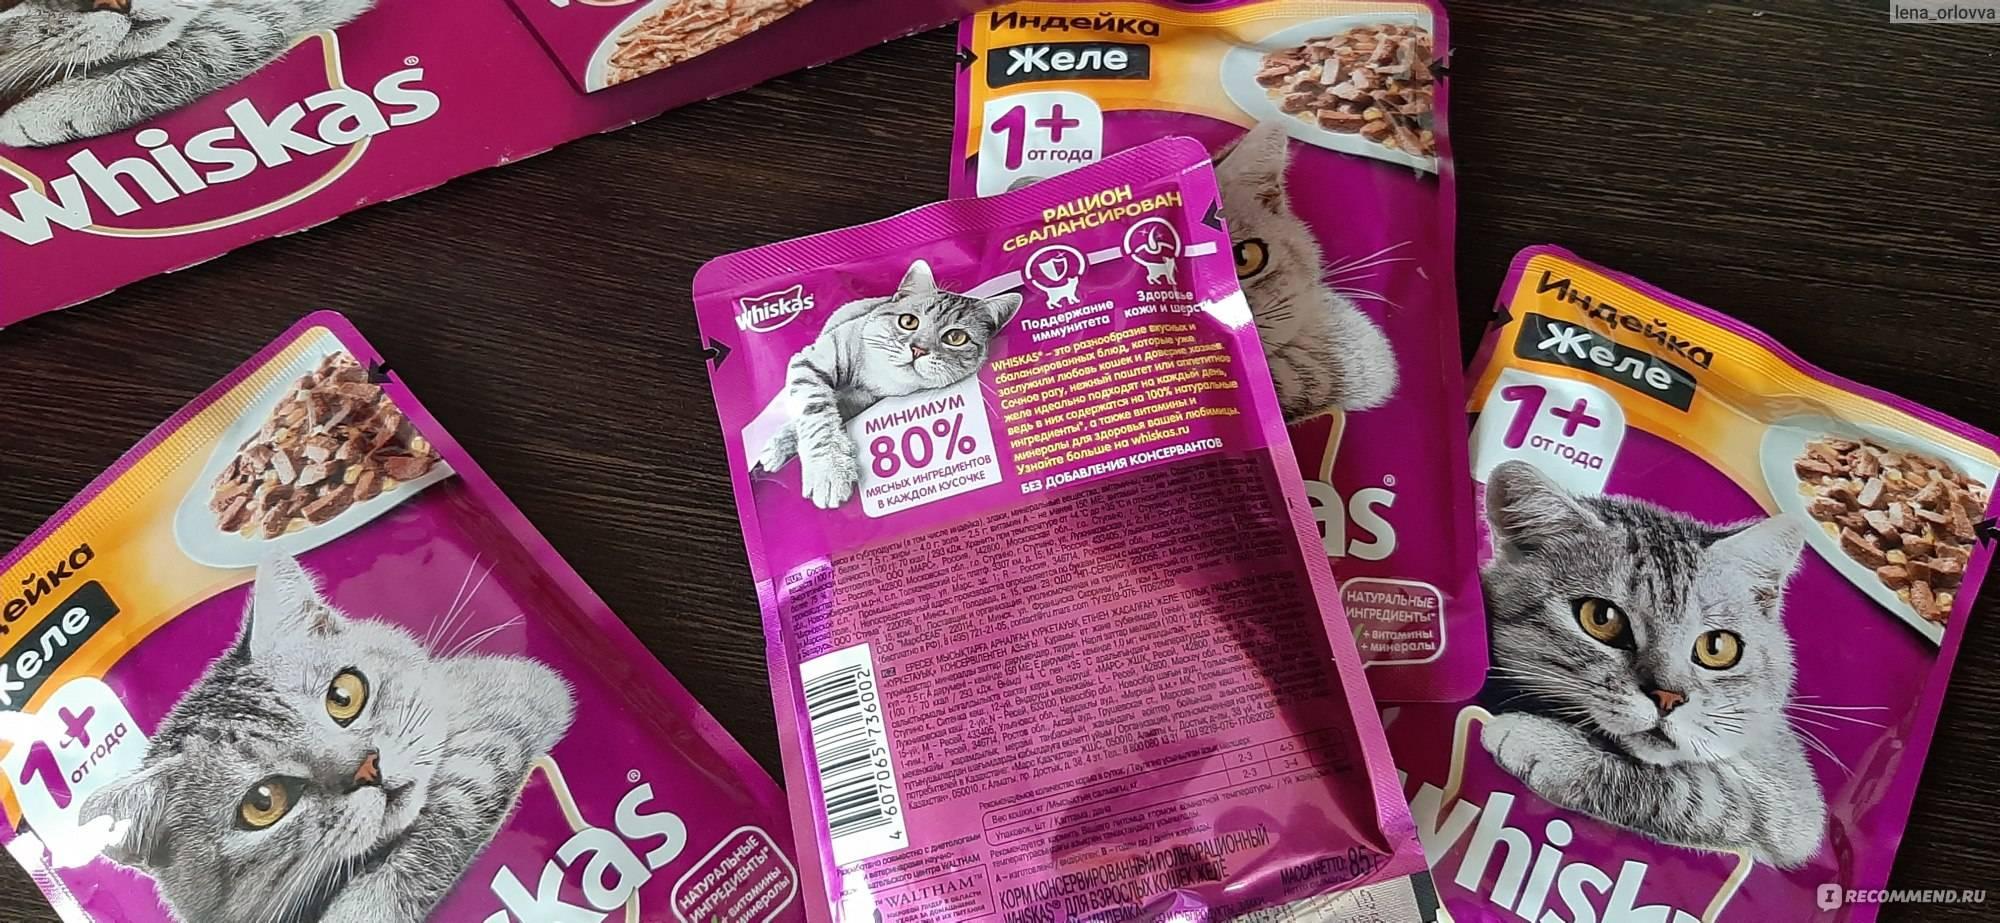 Информация для тех, кто кормит кошек вискасом. - наши британцы! - страна мам